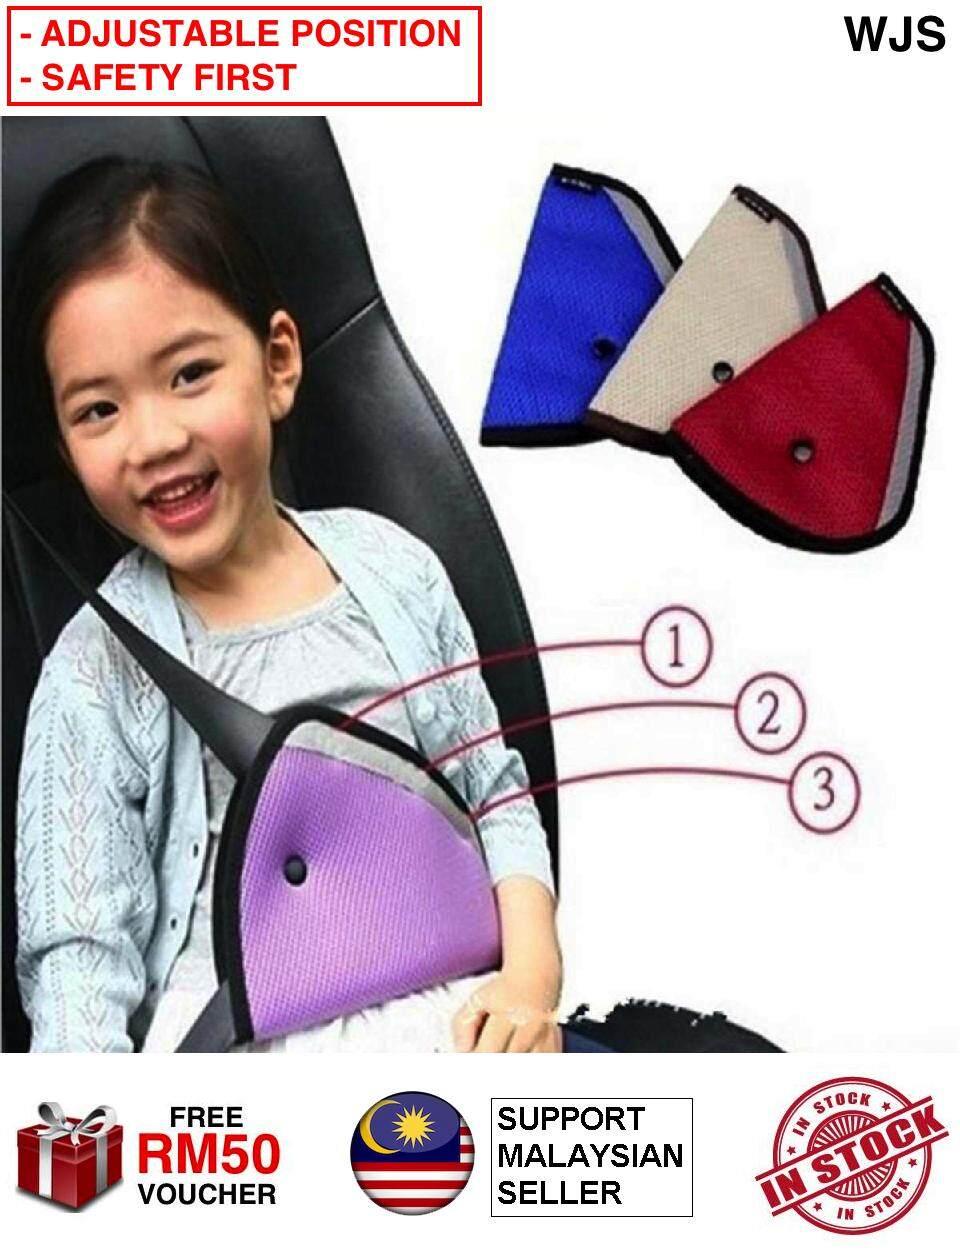 (ADJUSTABLE POSITION) WJS Safety First Kids Adjustable Car Seat Safety Belt Centre Pad Cover Toddler Children Belt Safety Harness Car Clip Seatbelt Strap Pad BLUE RED GREY BEIGE [FREE RM 50 VOUCHER]